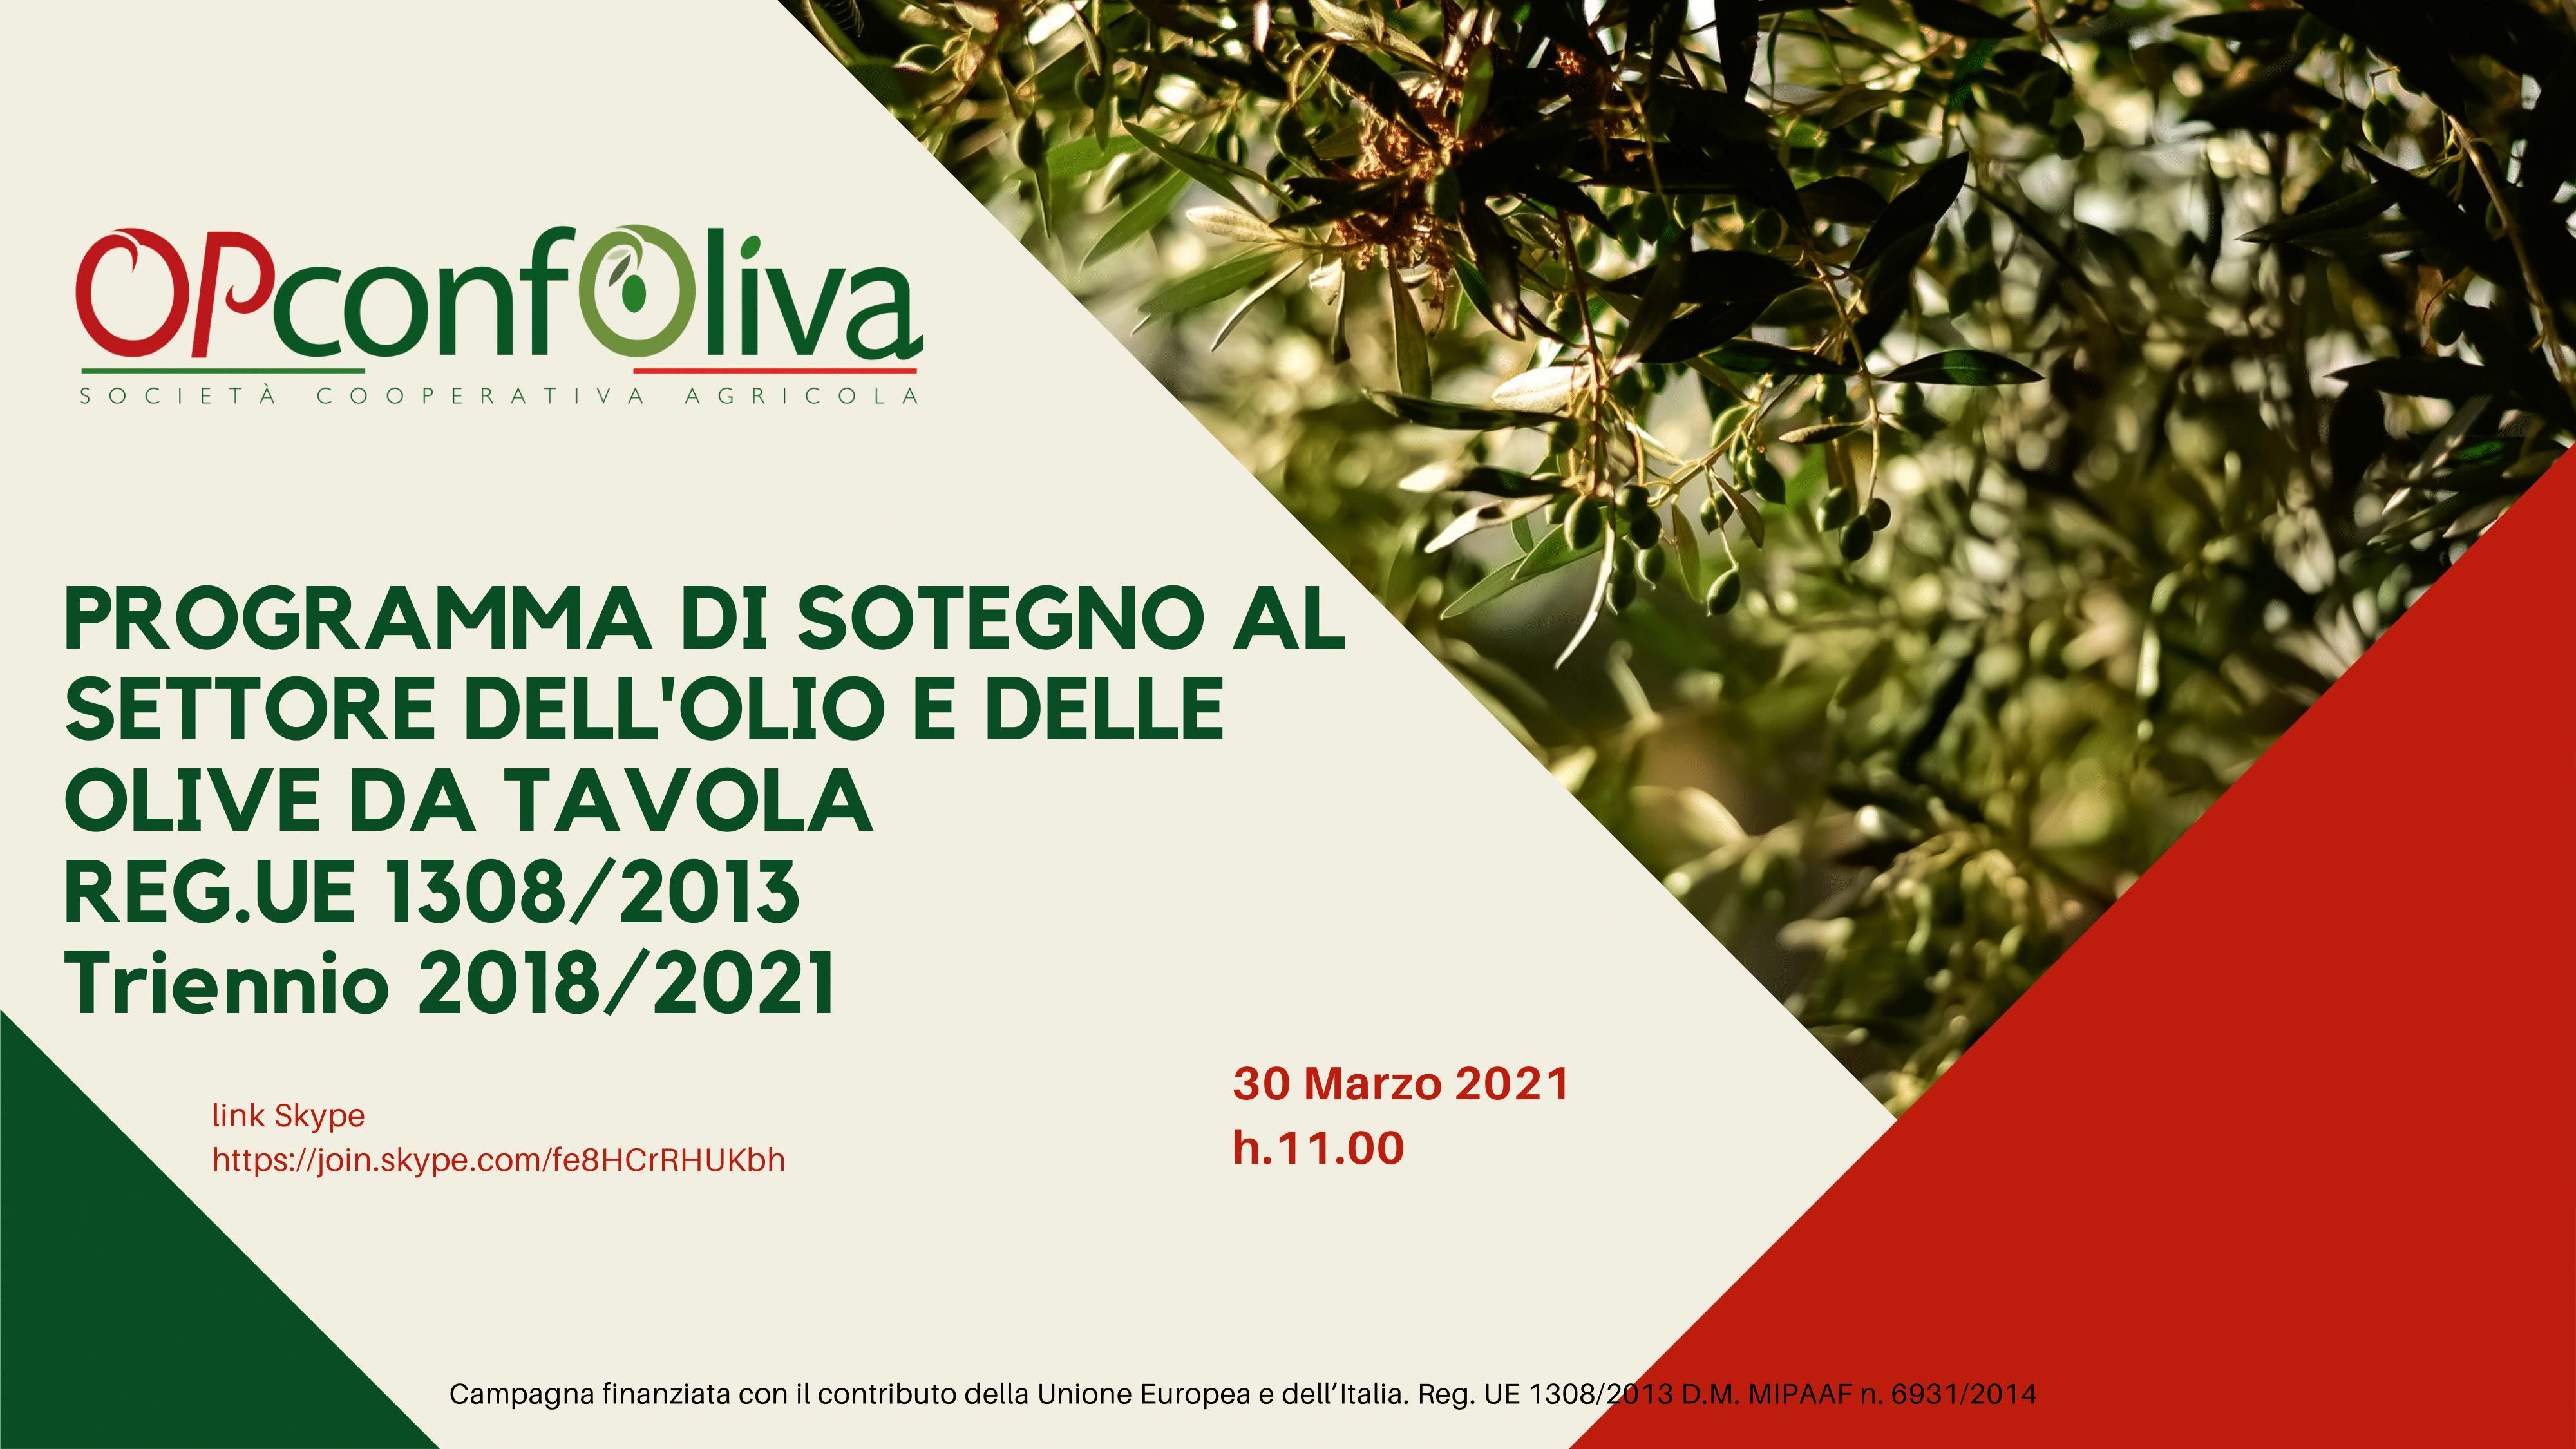 PROGRAMMA DI SESOTEGNO AL SETTORE DELLOLIO E DELLE OLIVE DA TAVOLA - REGUE 1308_2013 Triennio 2018_2021-1png